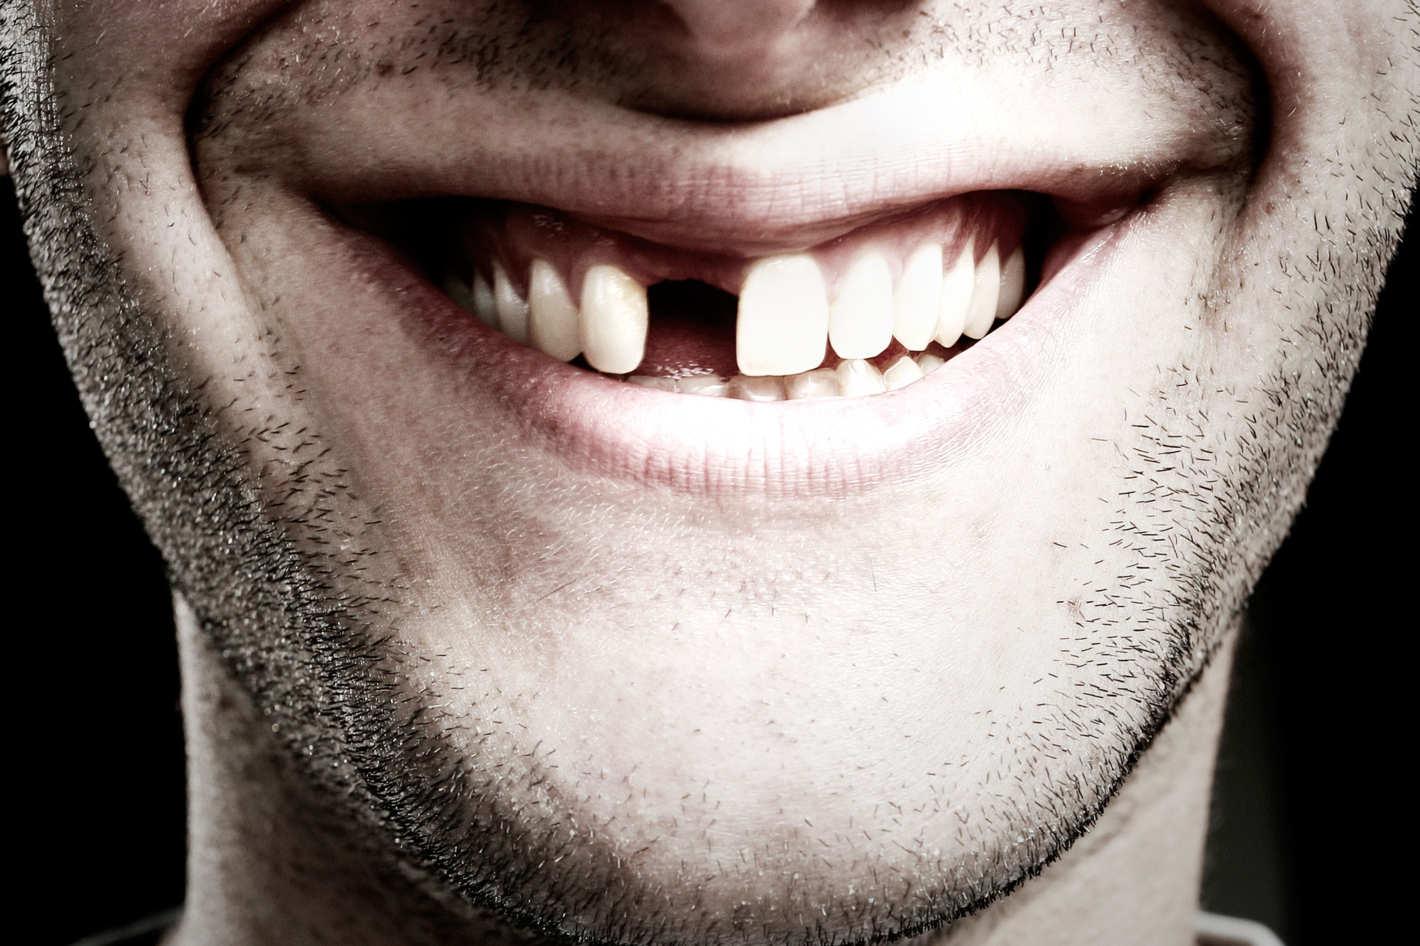 Сон выпадают зубы без боли и крови, сонник Миллера, Фрейд, у ребенка, растут новые